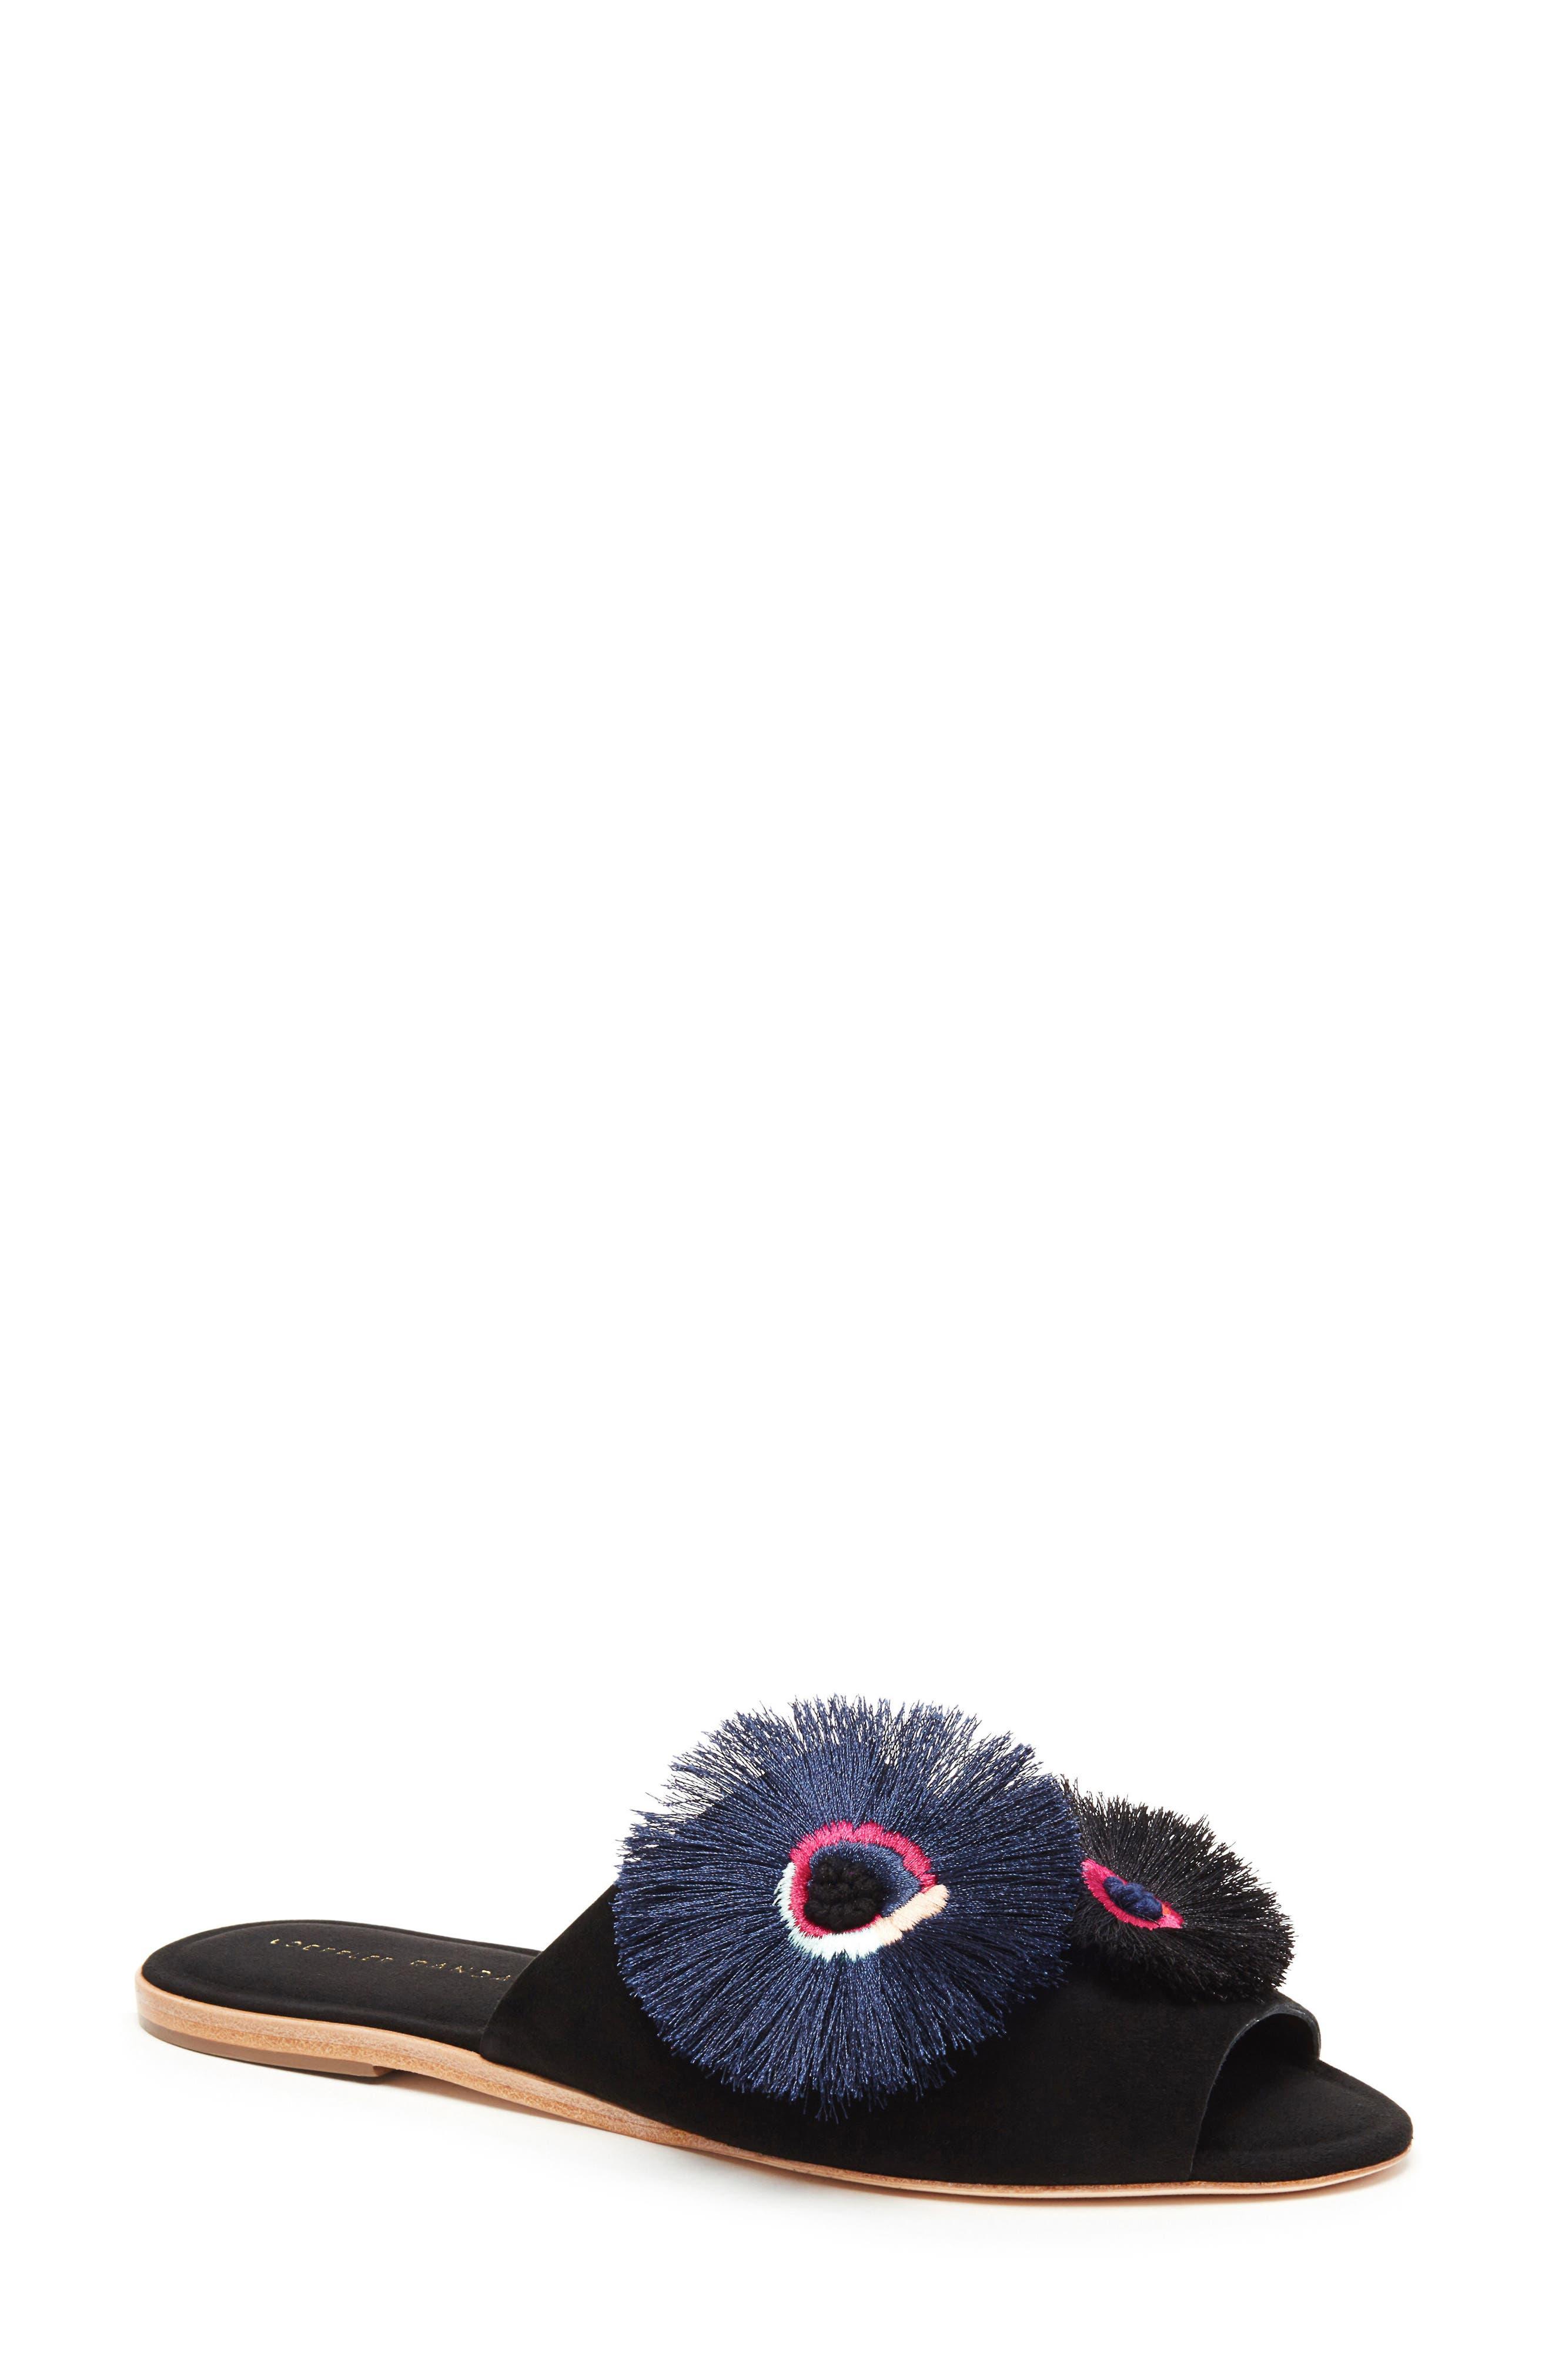 Main Image - Loeffler Randall Kiki Flower Slide Sandal (Women)